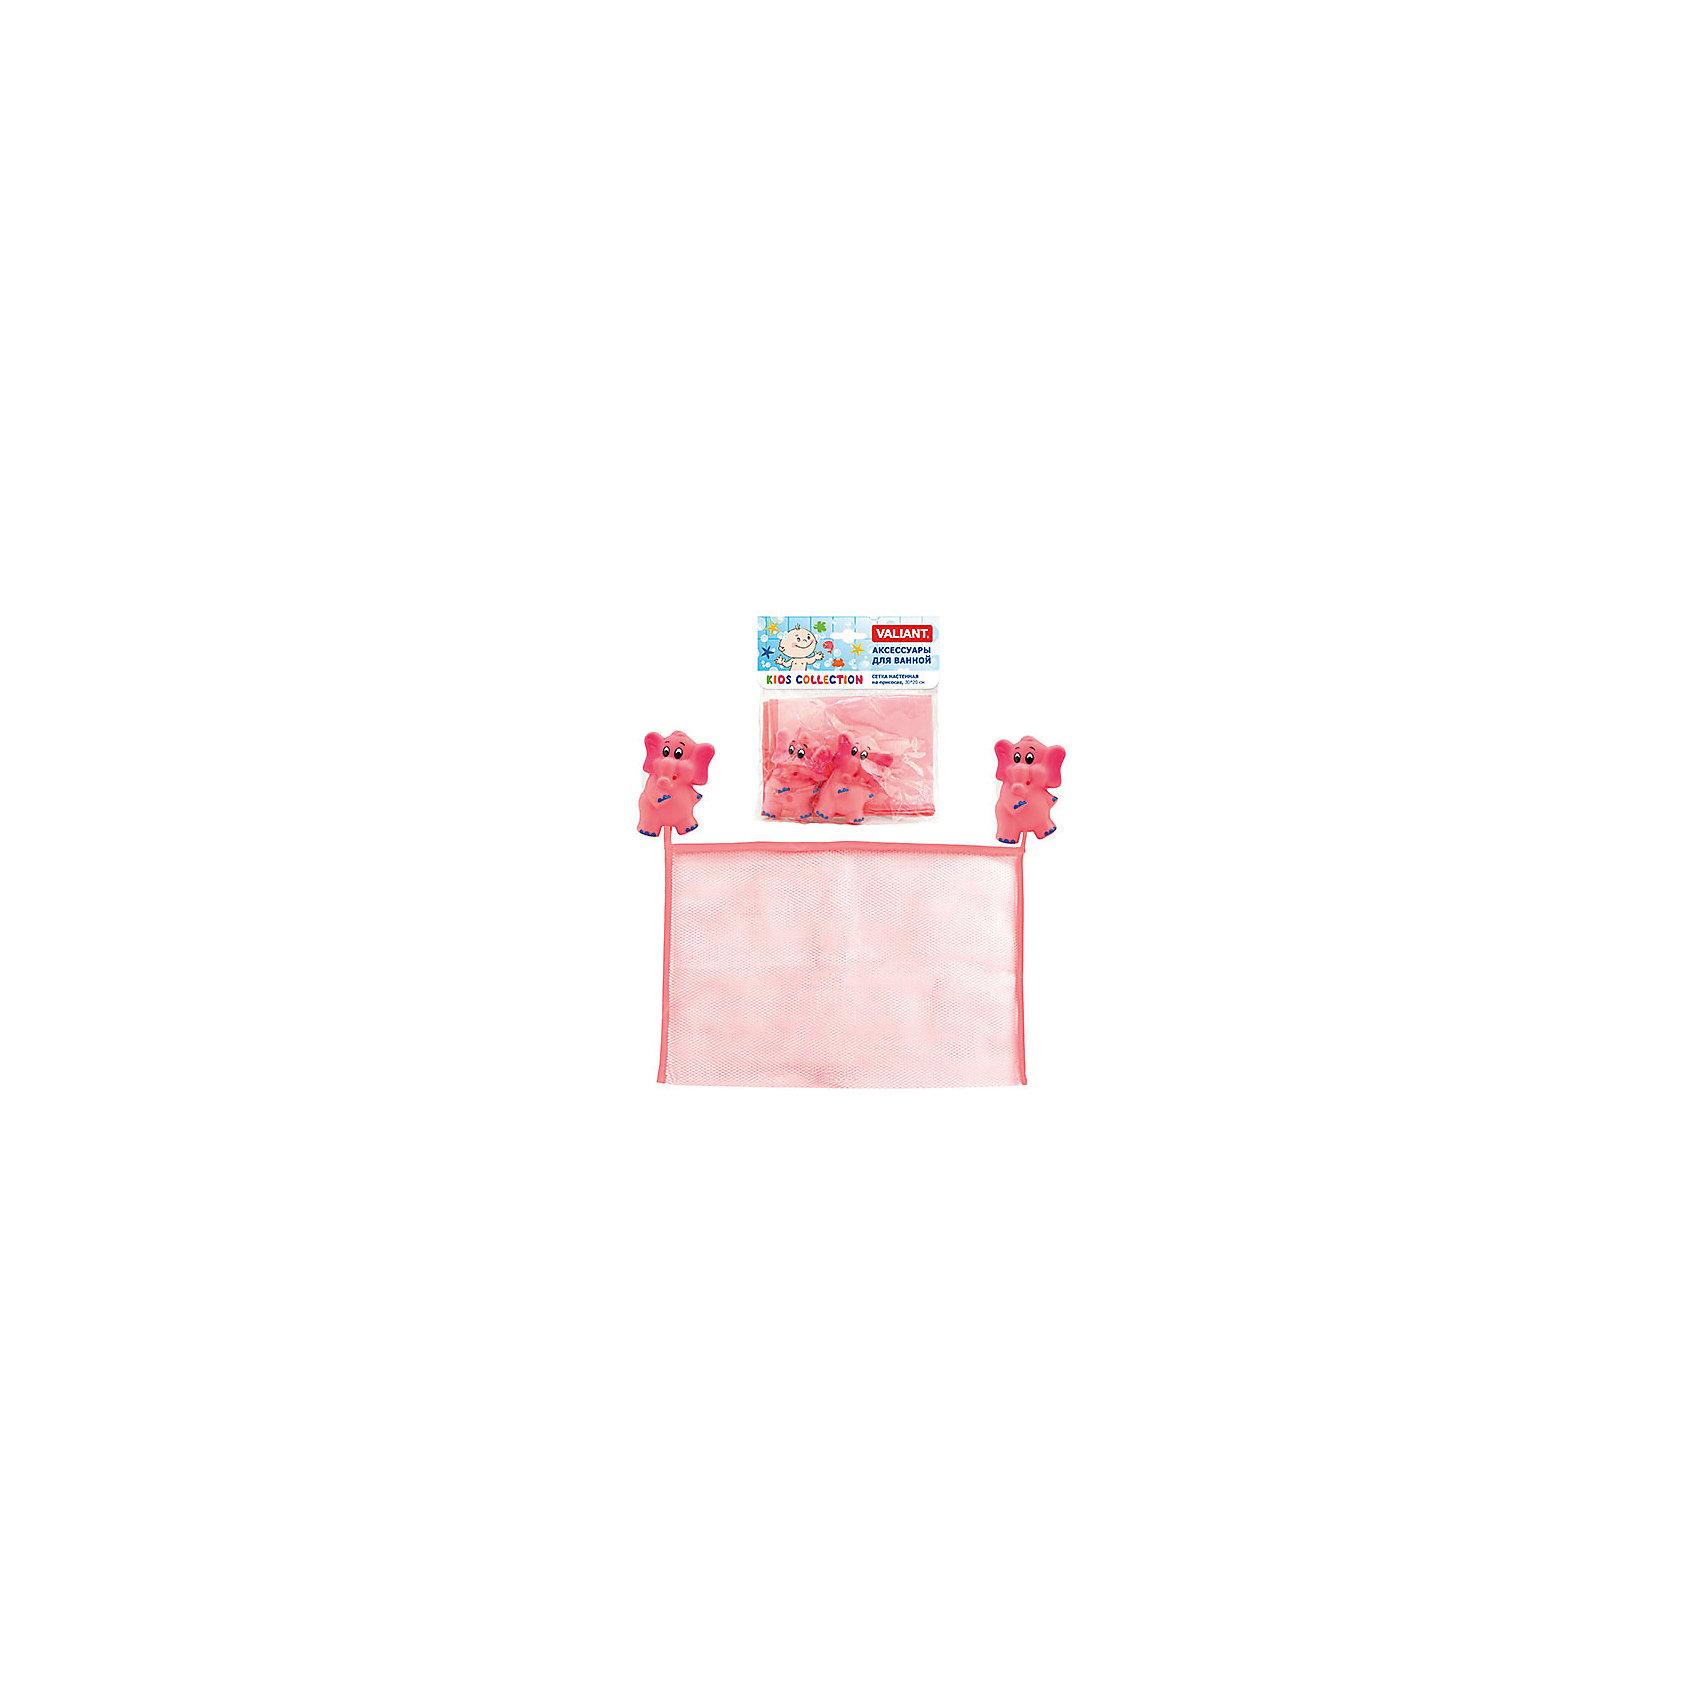 VALIANT Сетка для аксессуаров Слоники 30*20 см сетка для паховой грыжи в харькове